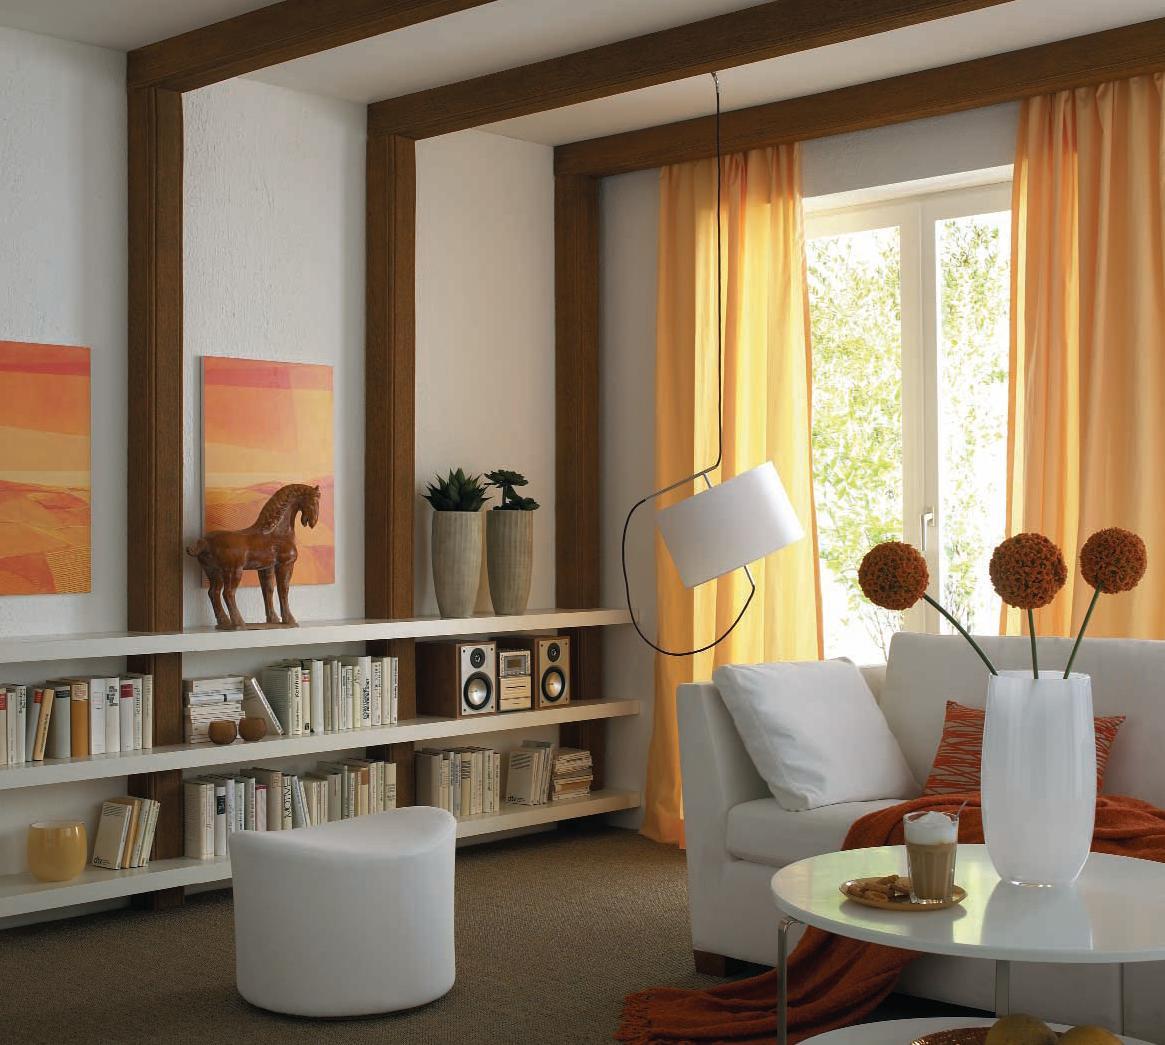 room_inter1.JPG